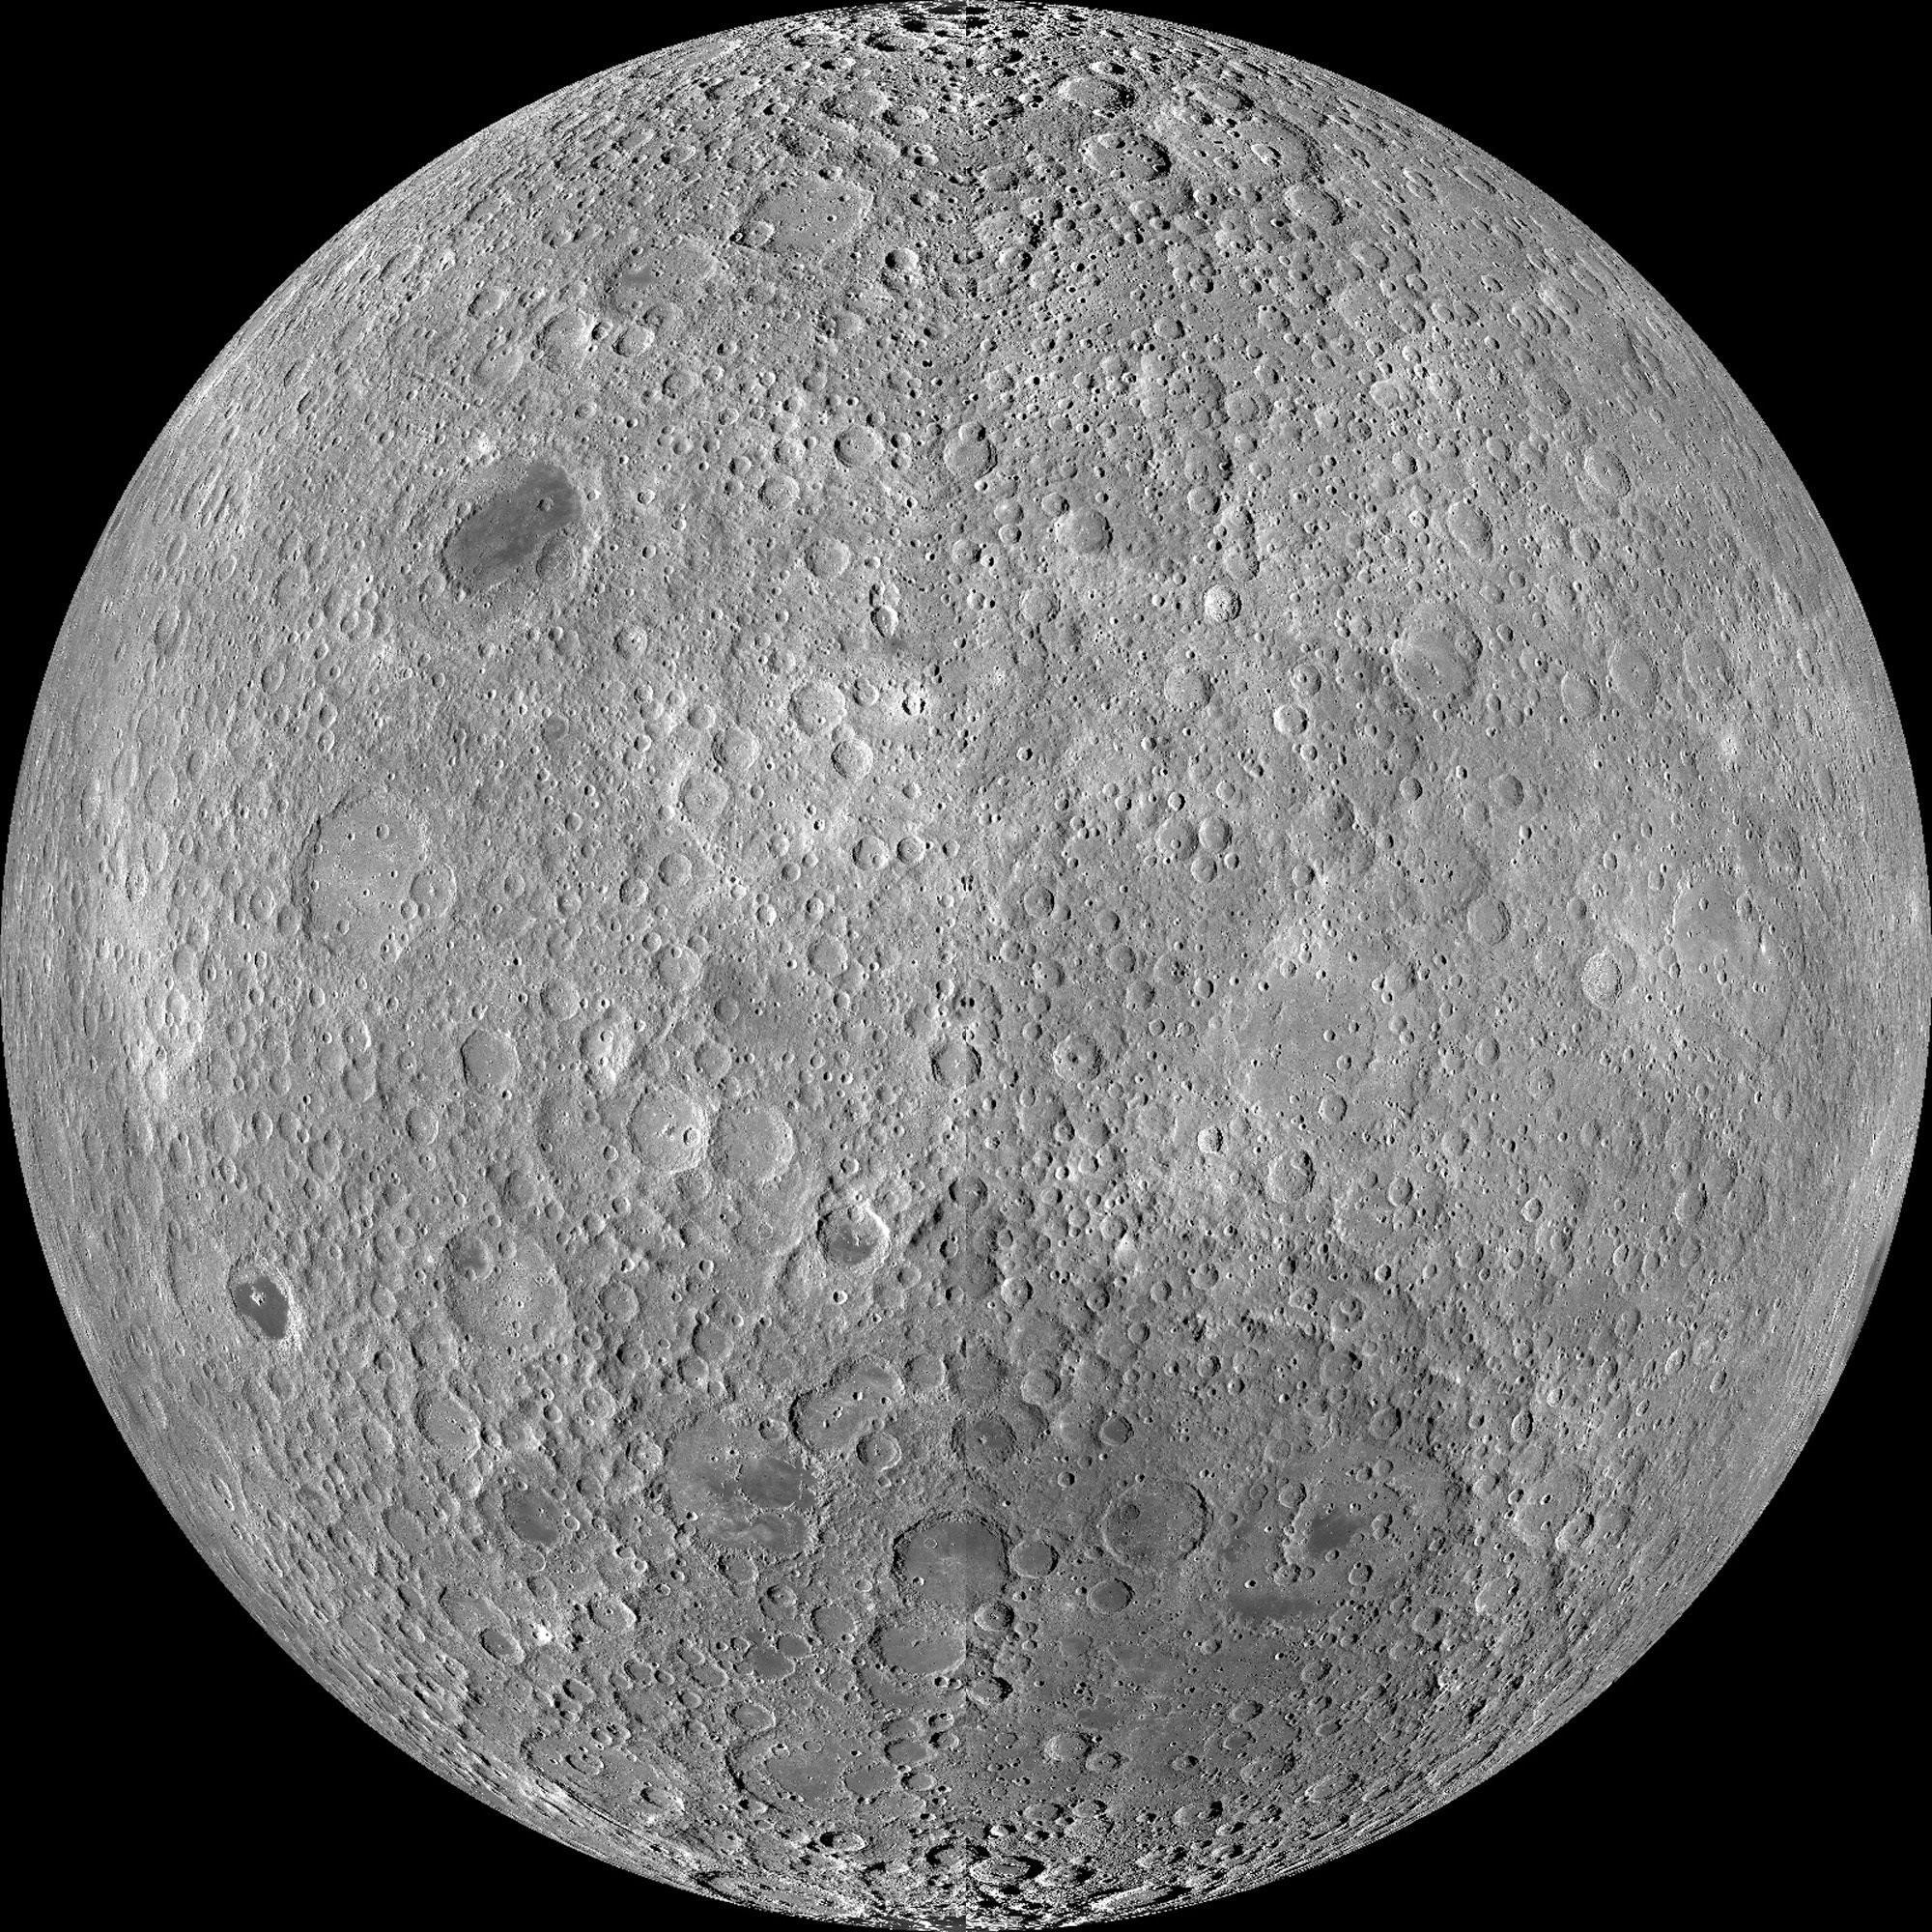 calendario lunar 2019 hemisferio sur recientes 114 fotos de luna of calendario lunar 2019 hemisferio sur